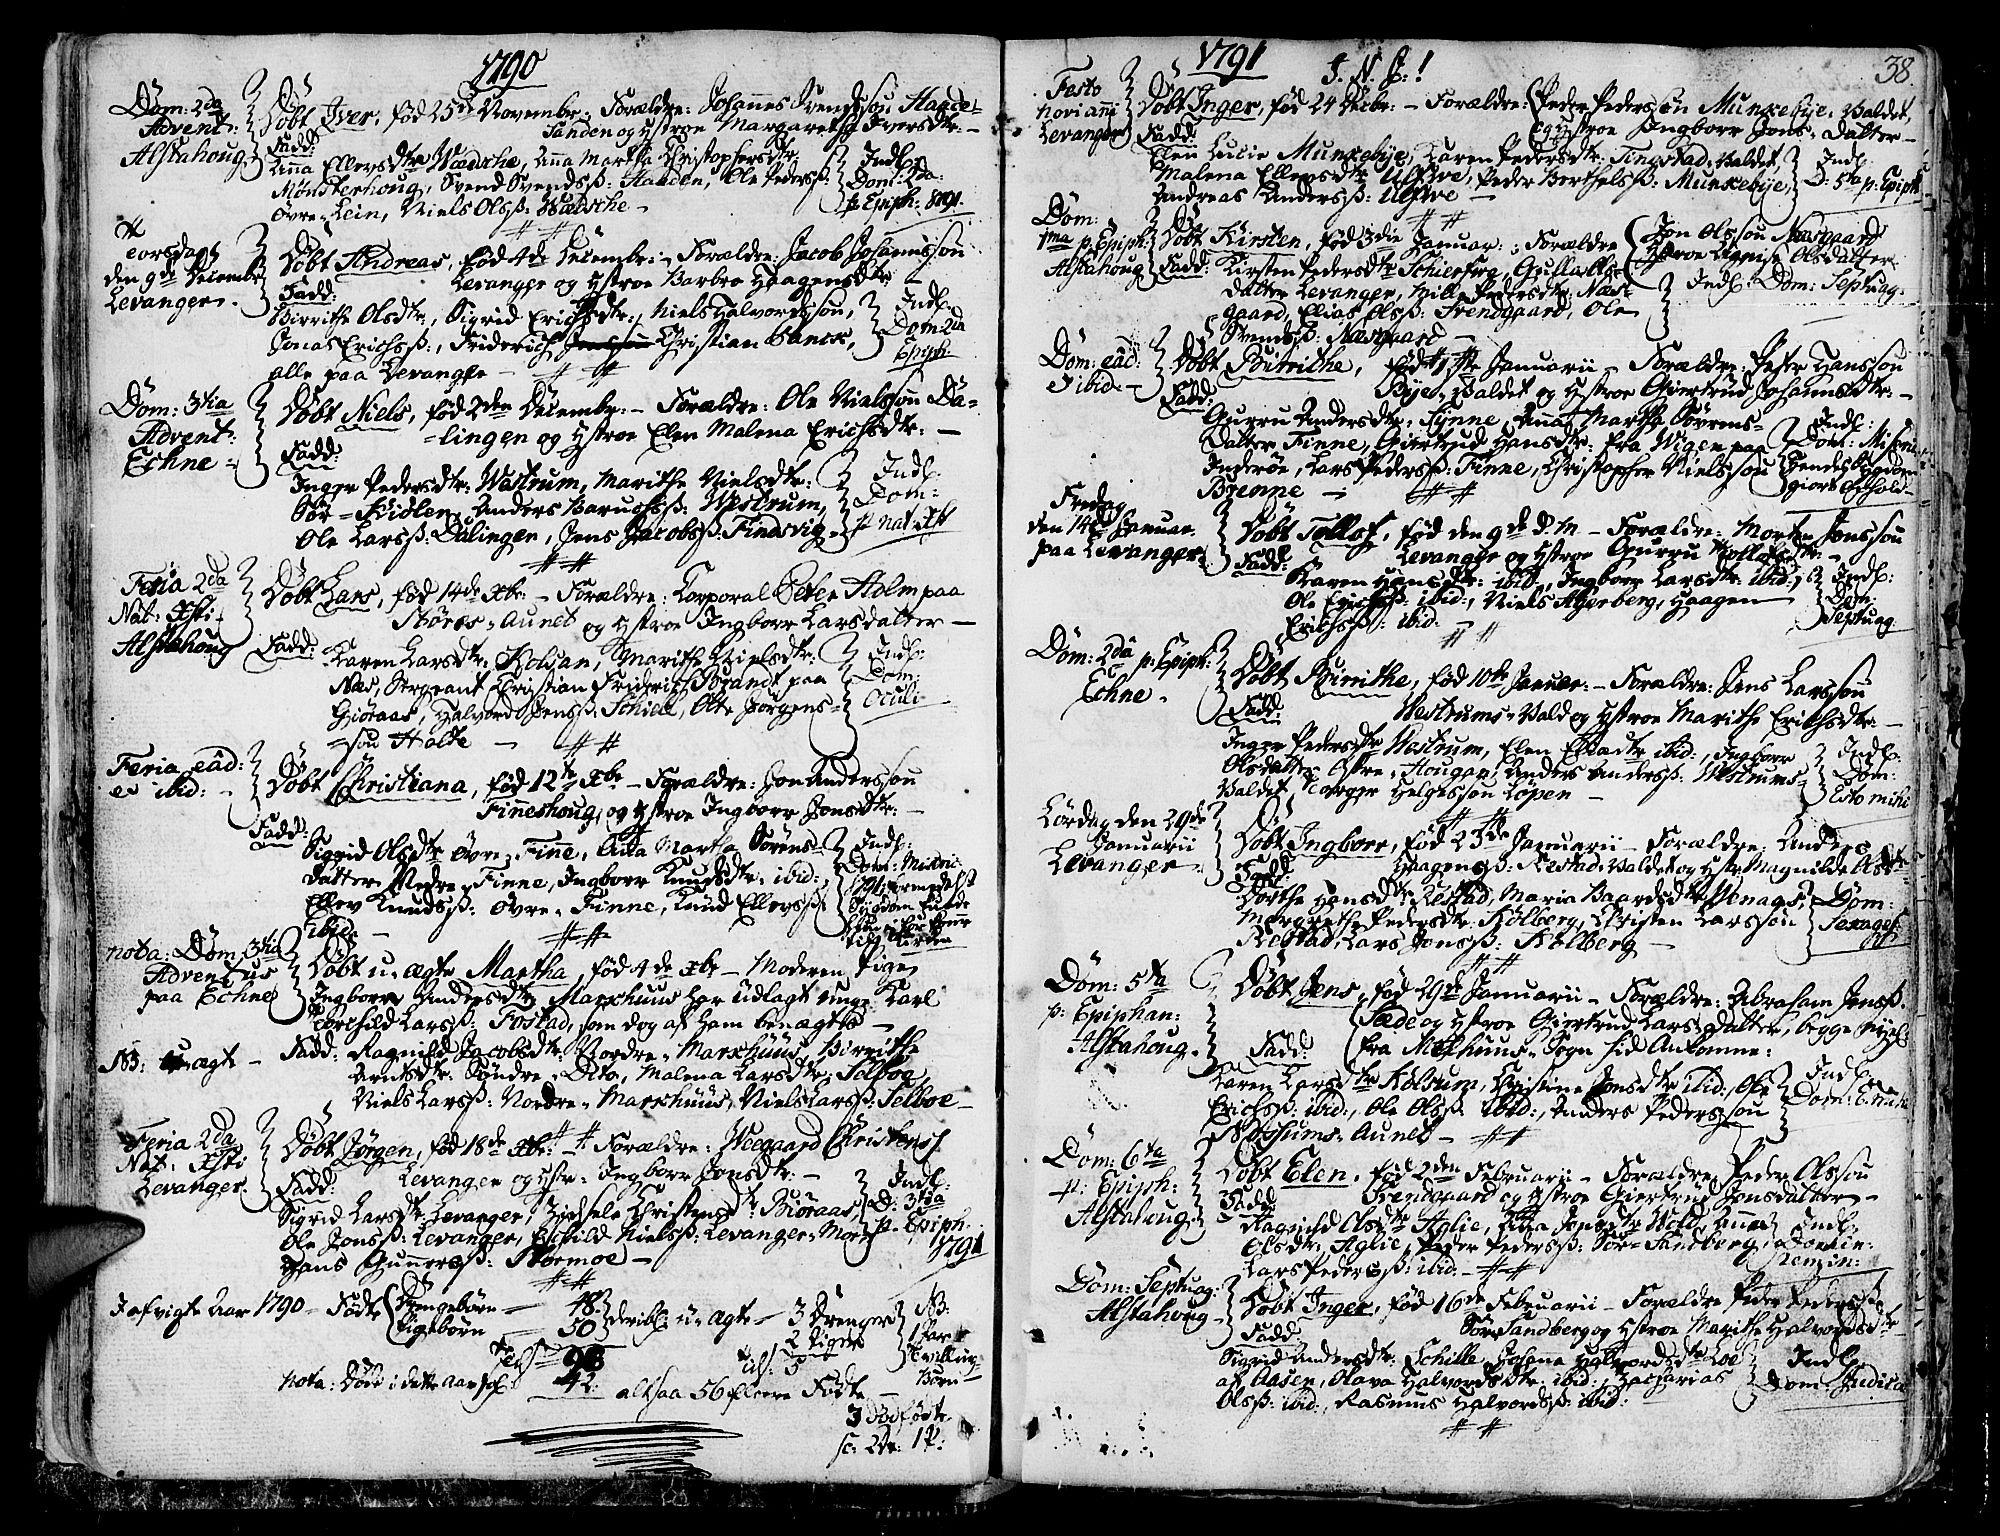 SAT, Ministerialprotokoller, klokkerbøker og fødselsregistre - Nord-Trøndelag, 717/L0142: Ministerialbok nr. 717A02 /1, 1783-1809, s. 38